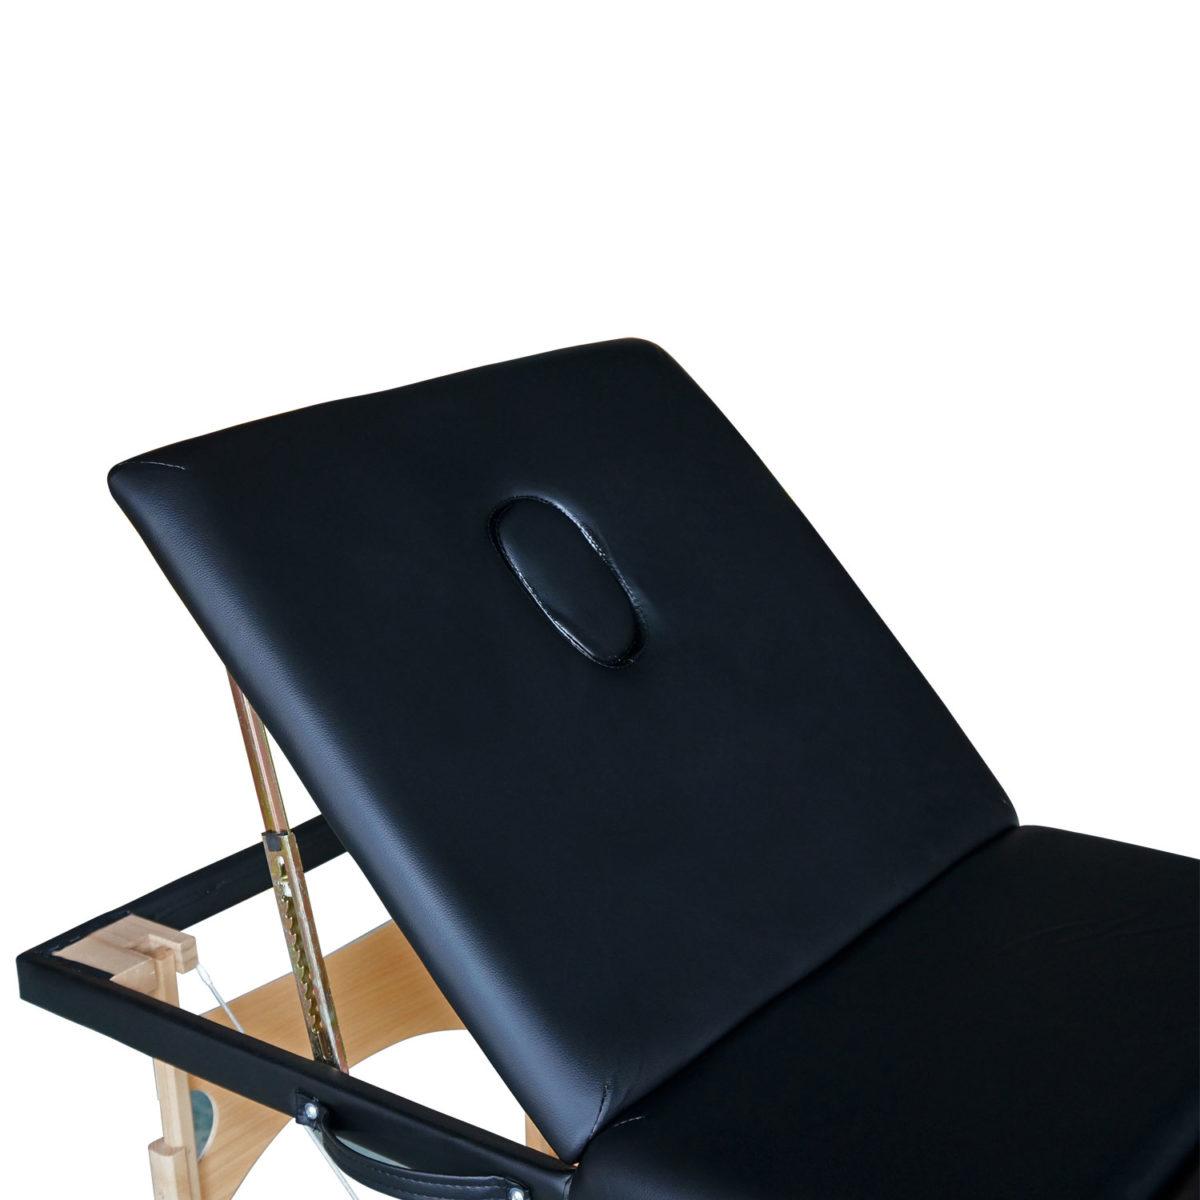 DFC NIRVANA Relax Pro Массажный стол, 3-х секционный TS3021_B1 - 4